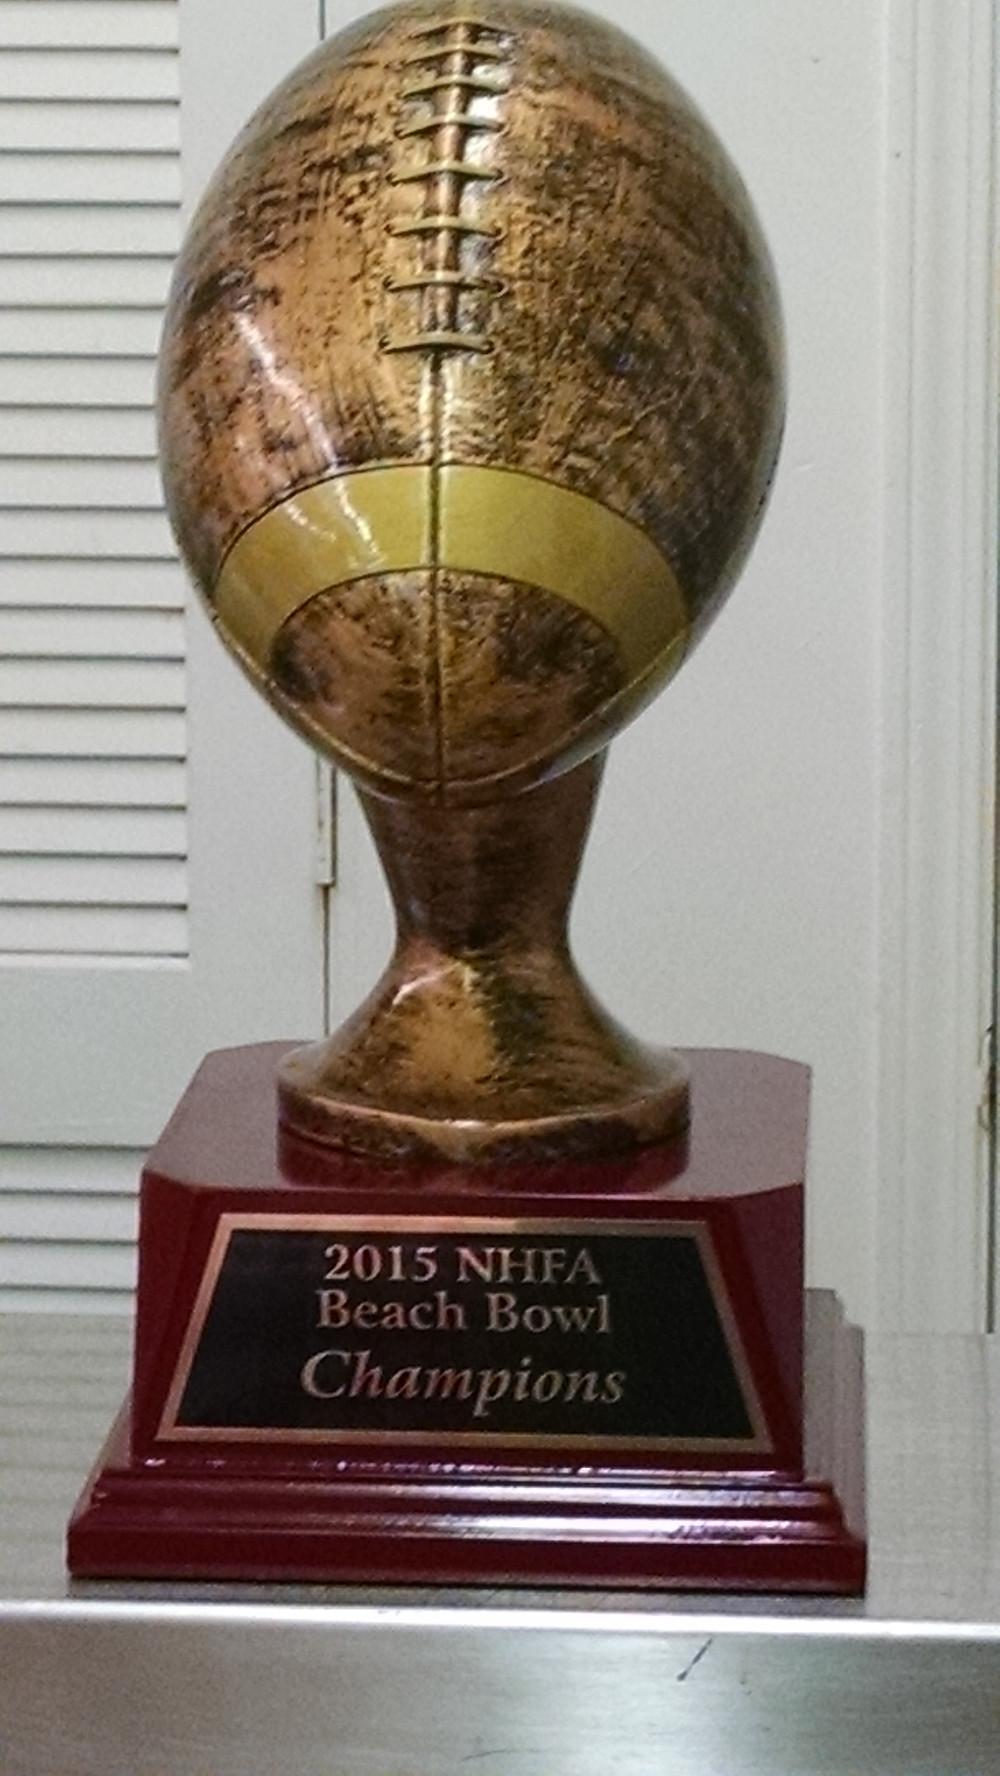 2015 NHFA Beach Bowl Trophy